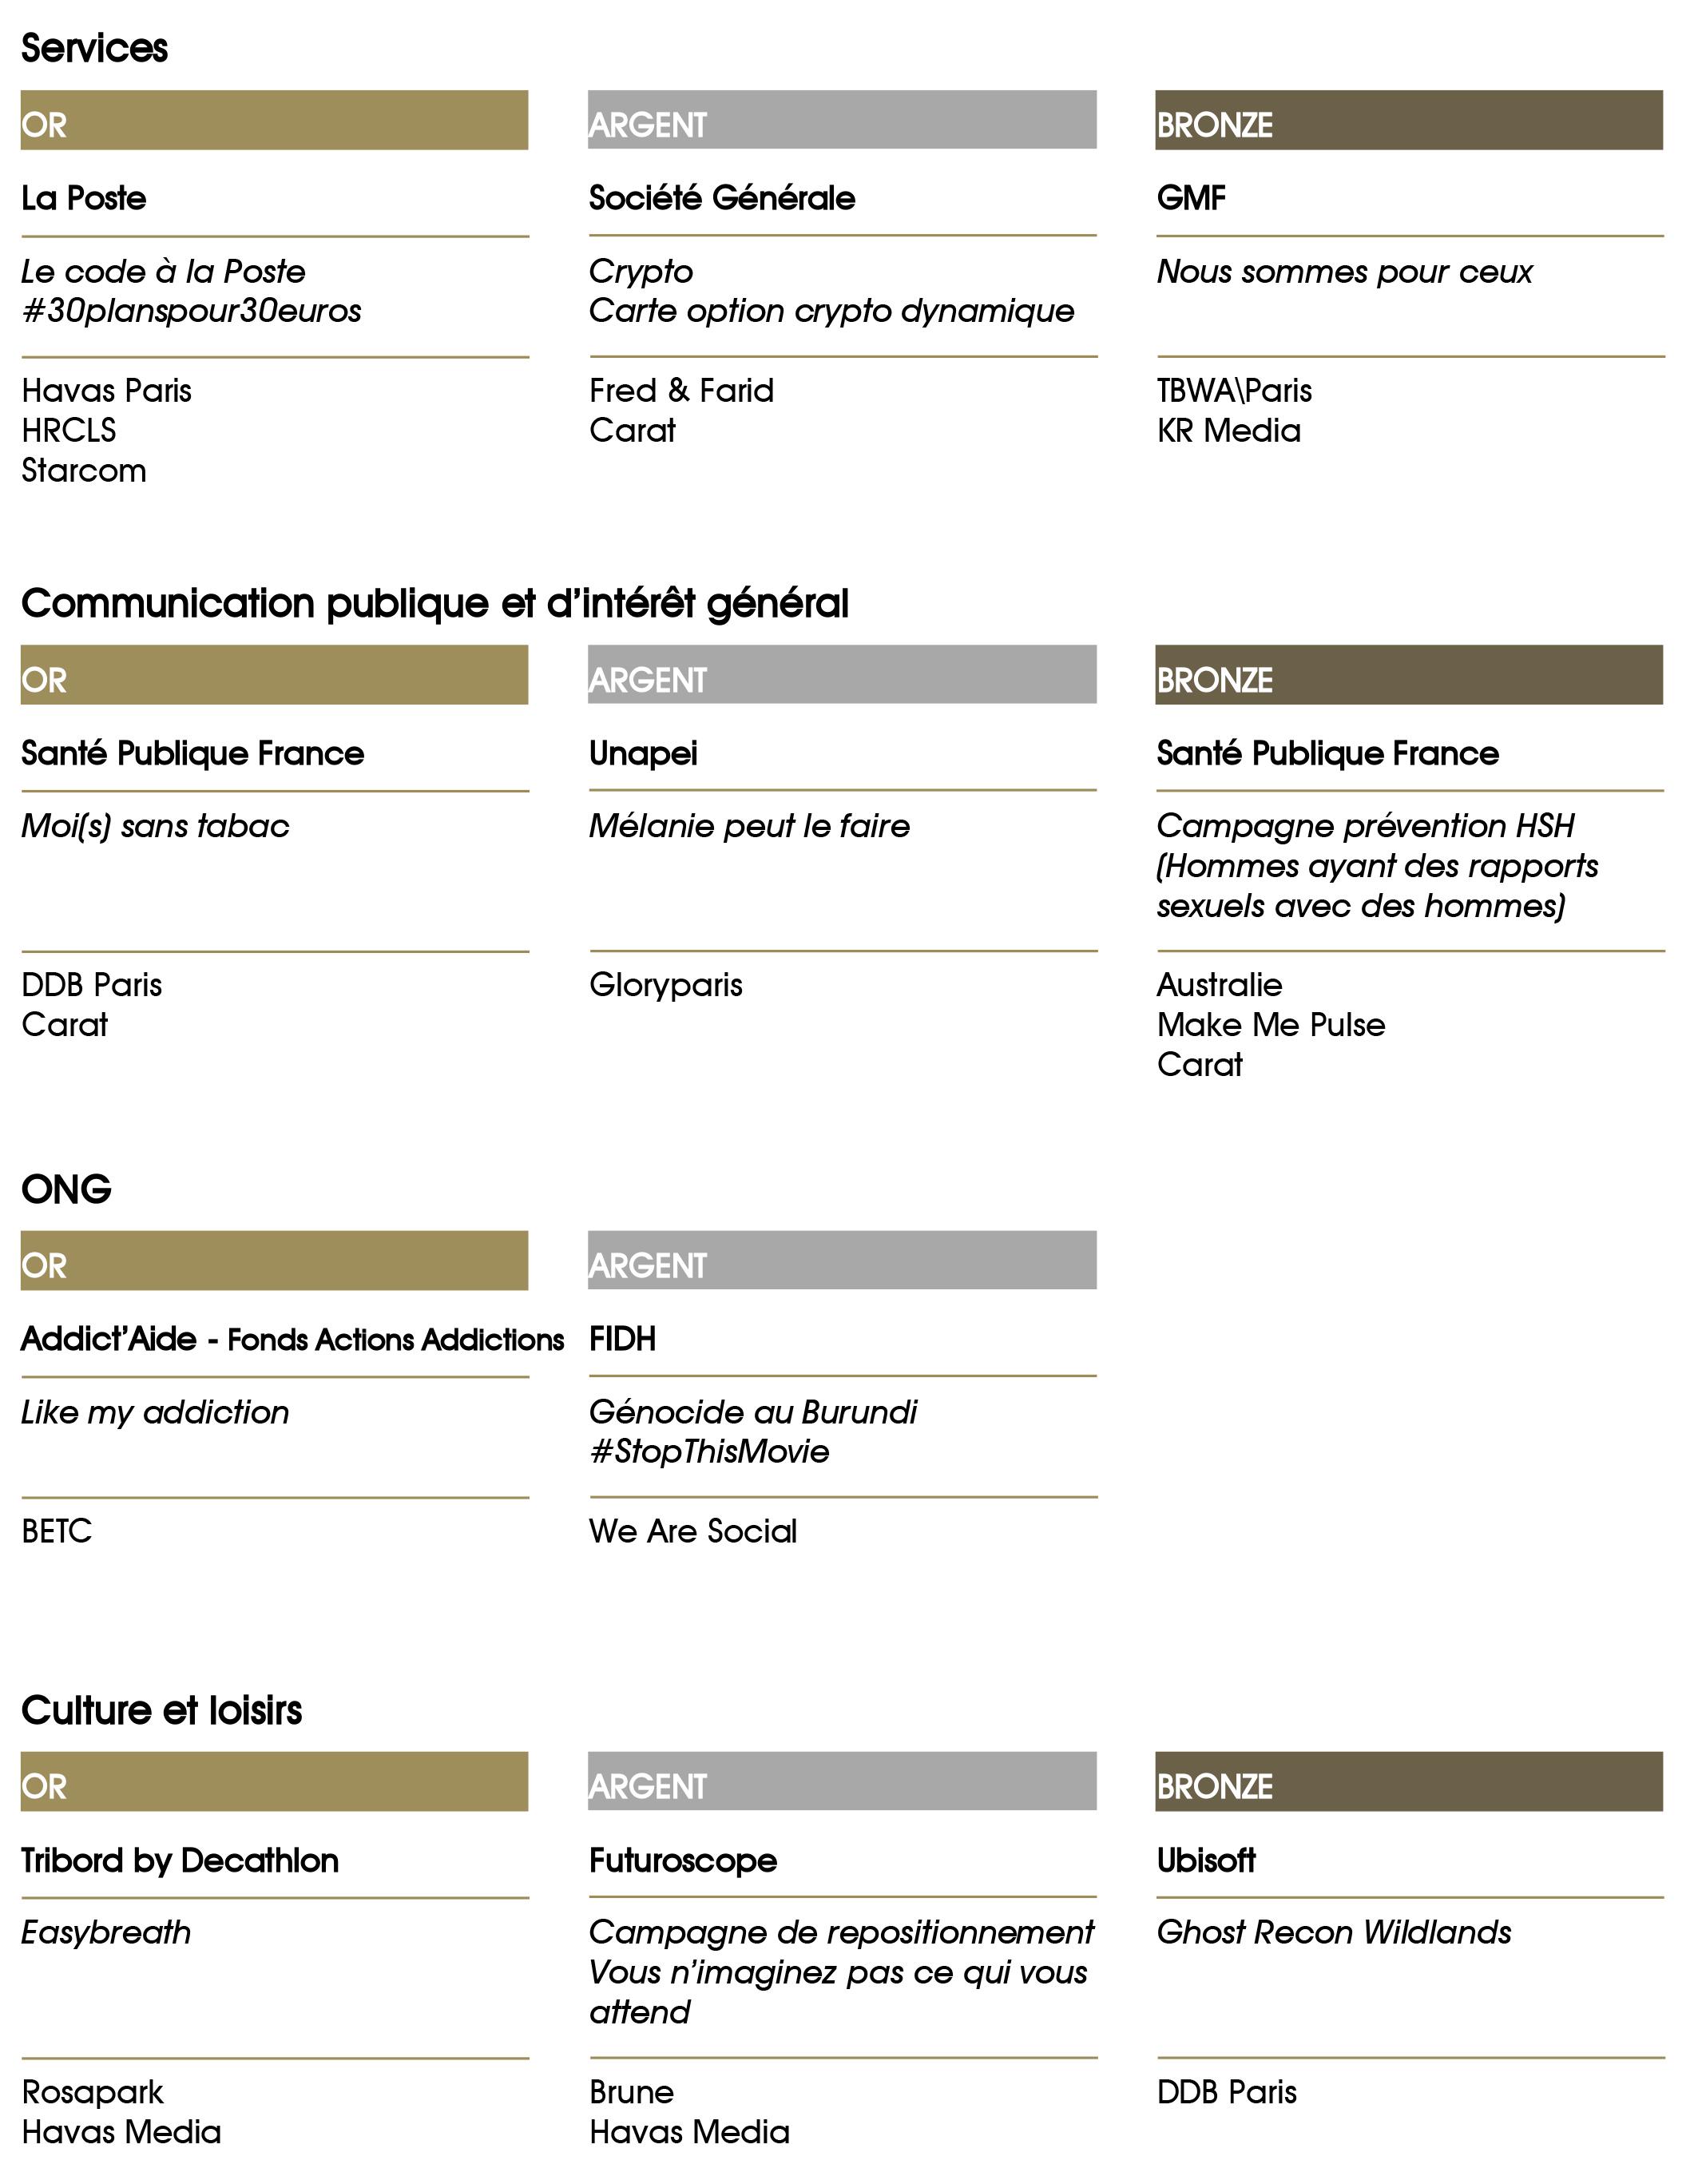 effie-awards-2017-palmares-classement-france-agences-publicite-efficacite-3